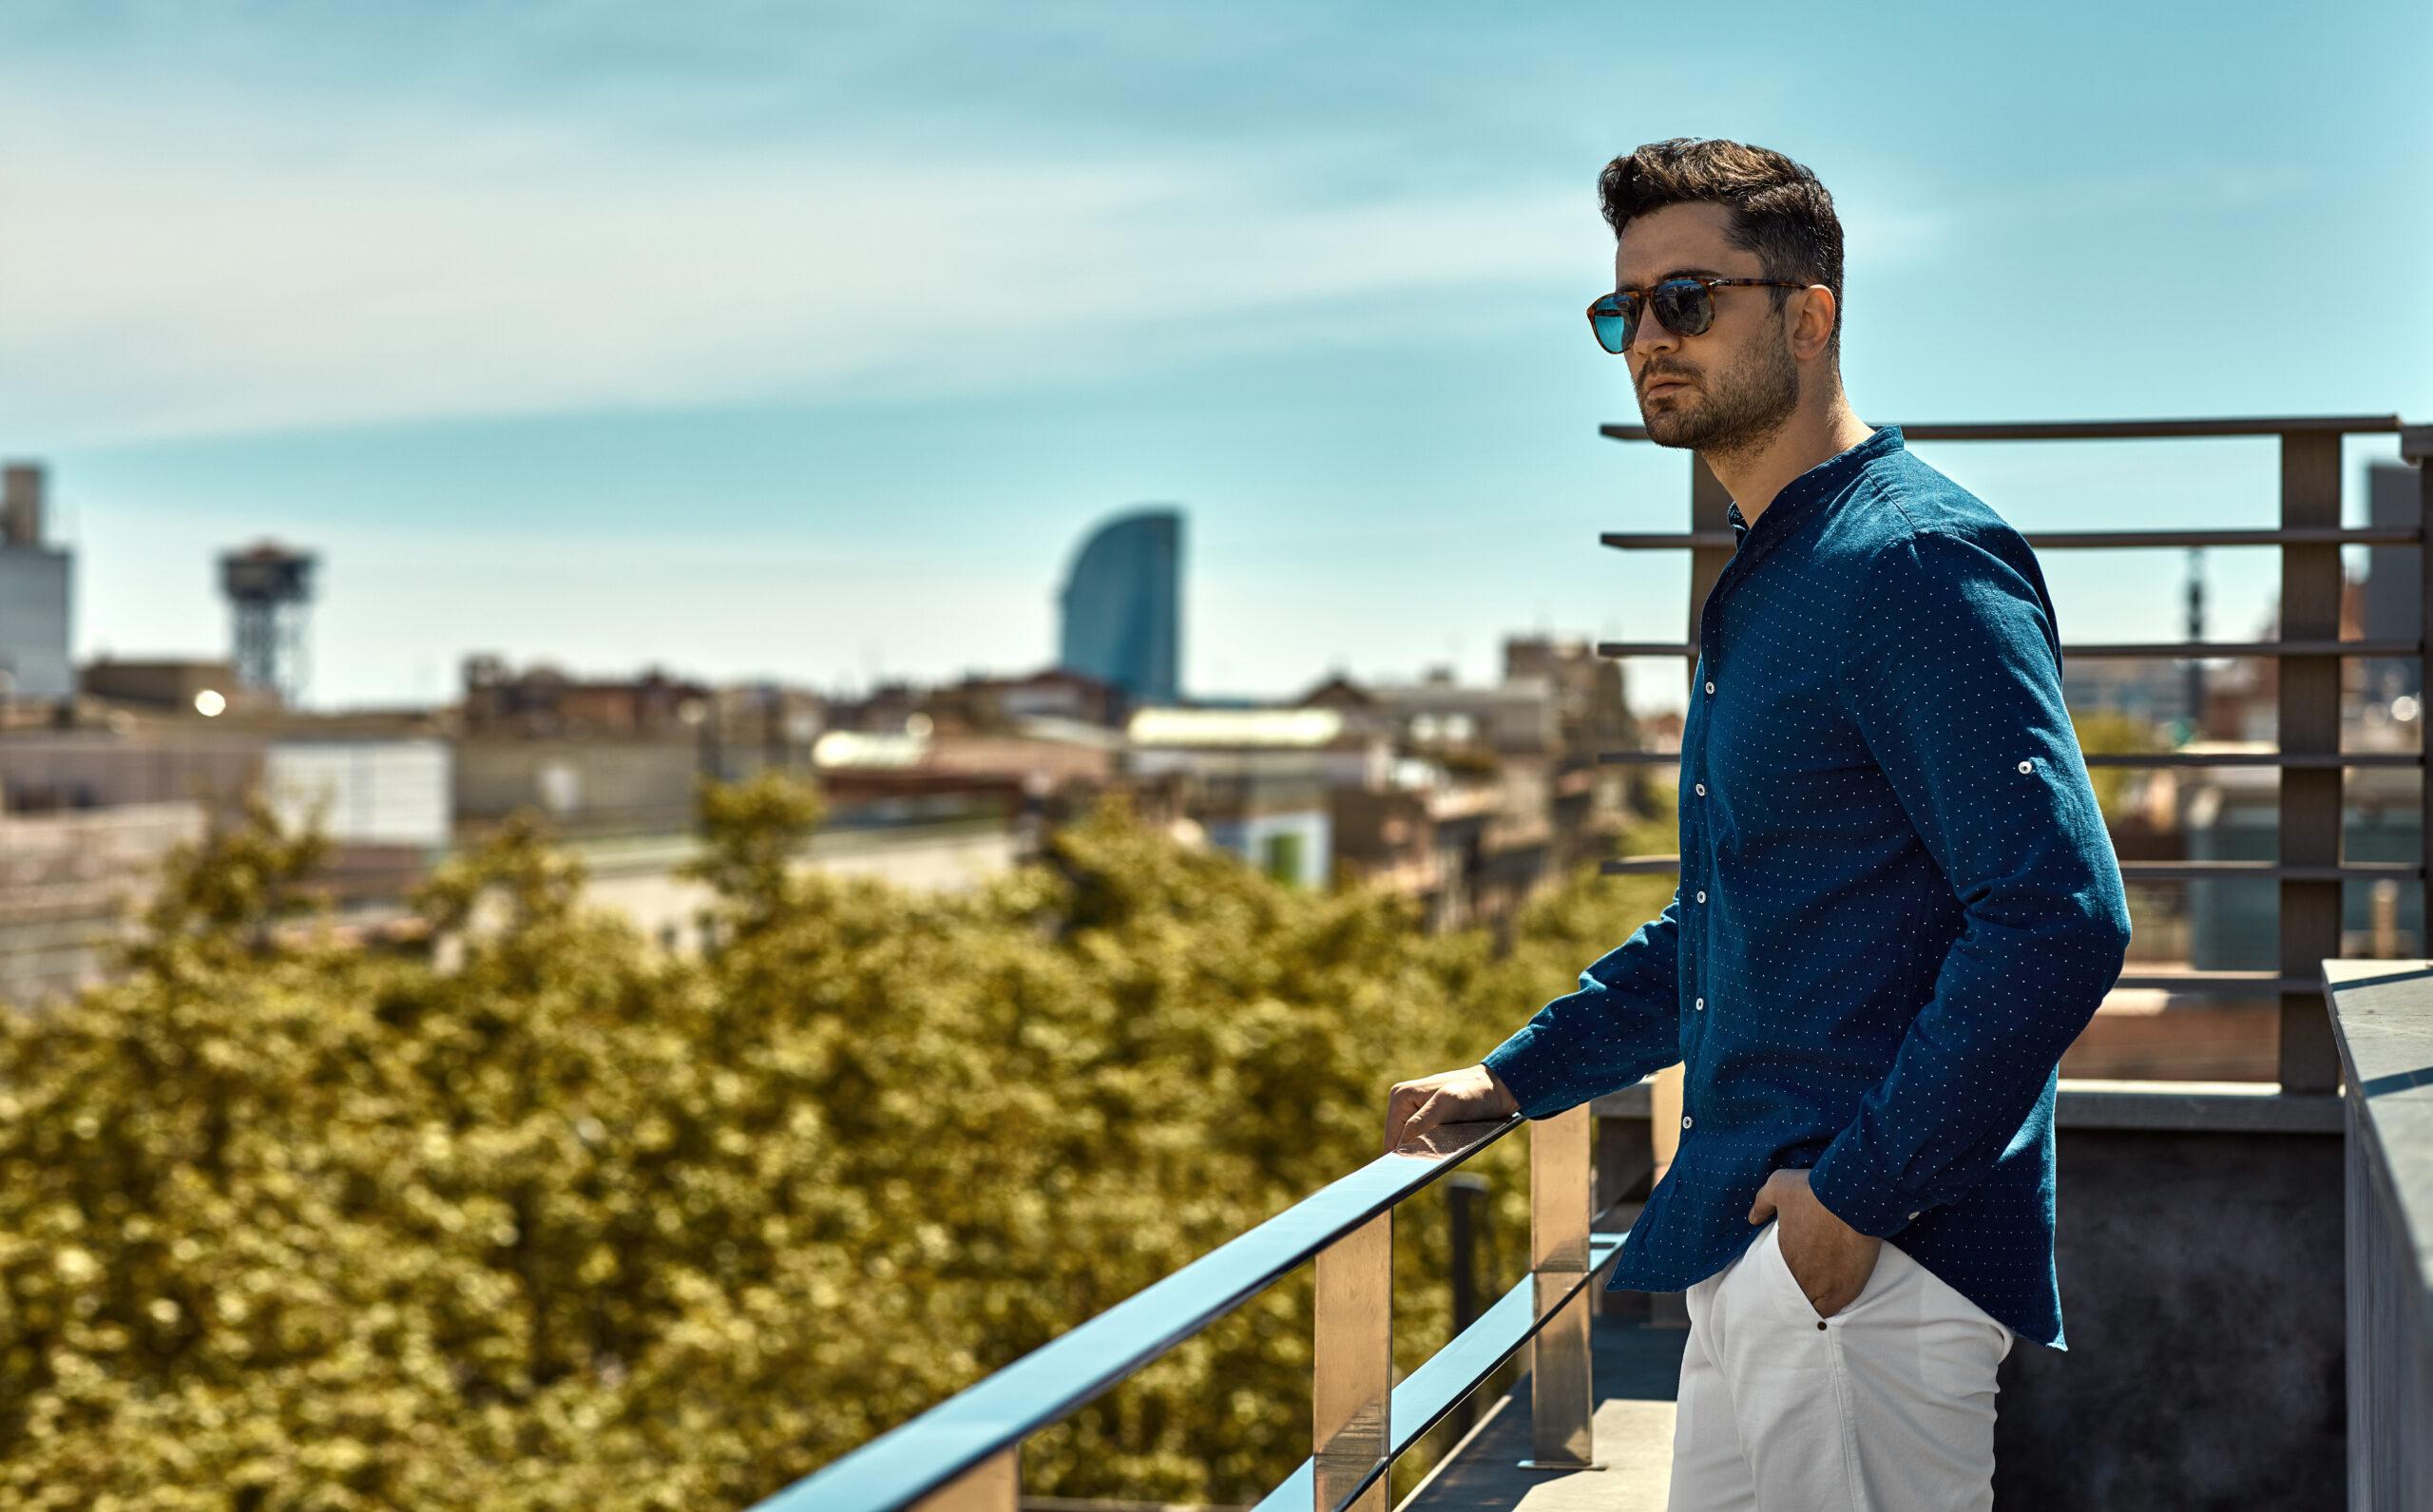 Elegancka koszula i krótkie spodenki. 3 męskie stylizacje